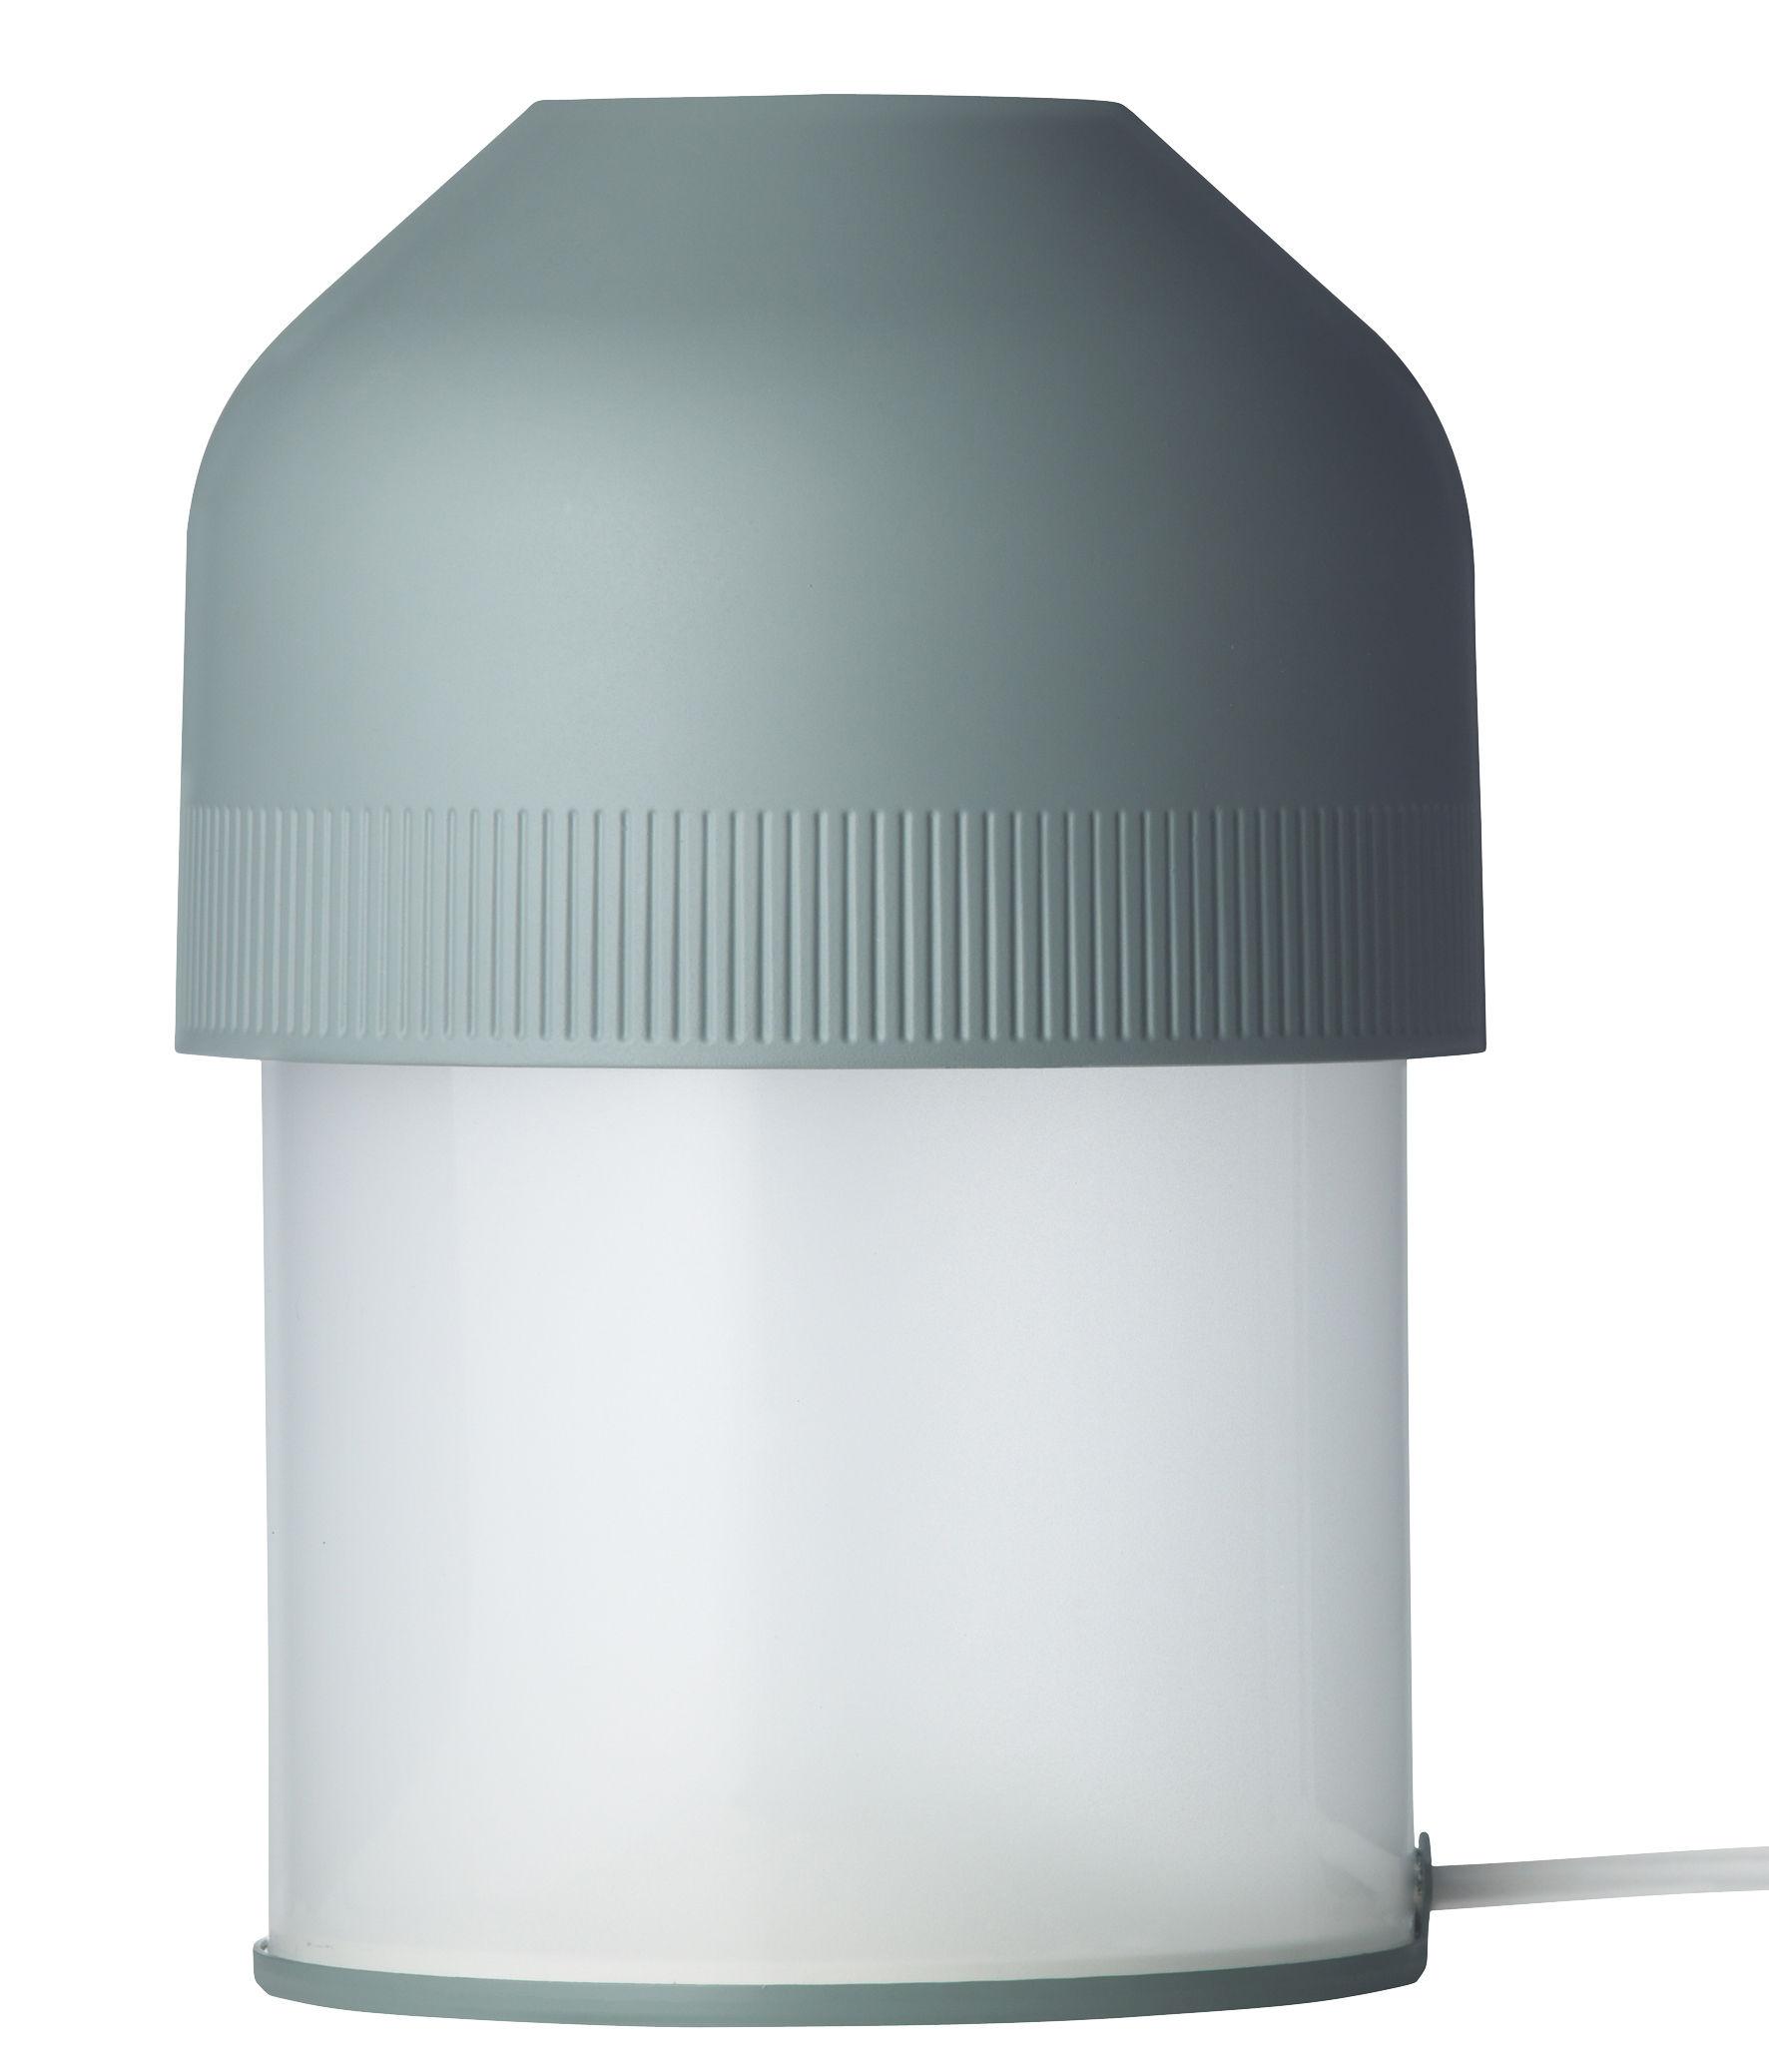 Luminaire - Lampes de table - Lampe de table Volume LED - Lightyears - Vert - Acrylique, Fonte d'aluminium